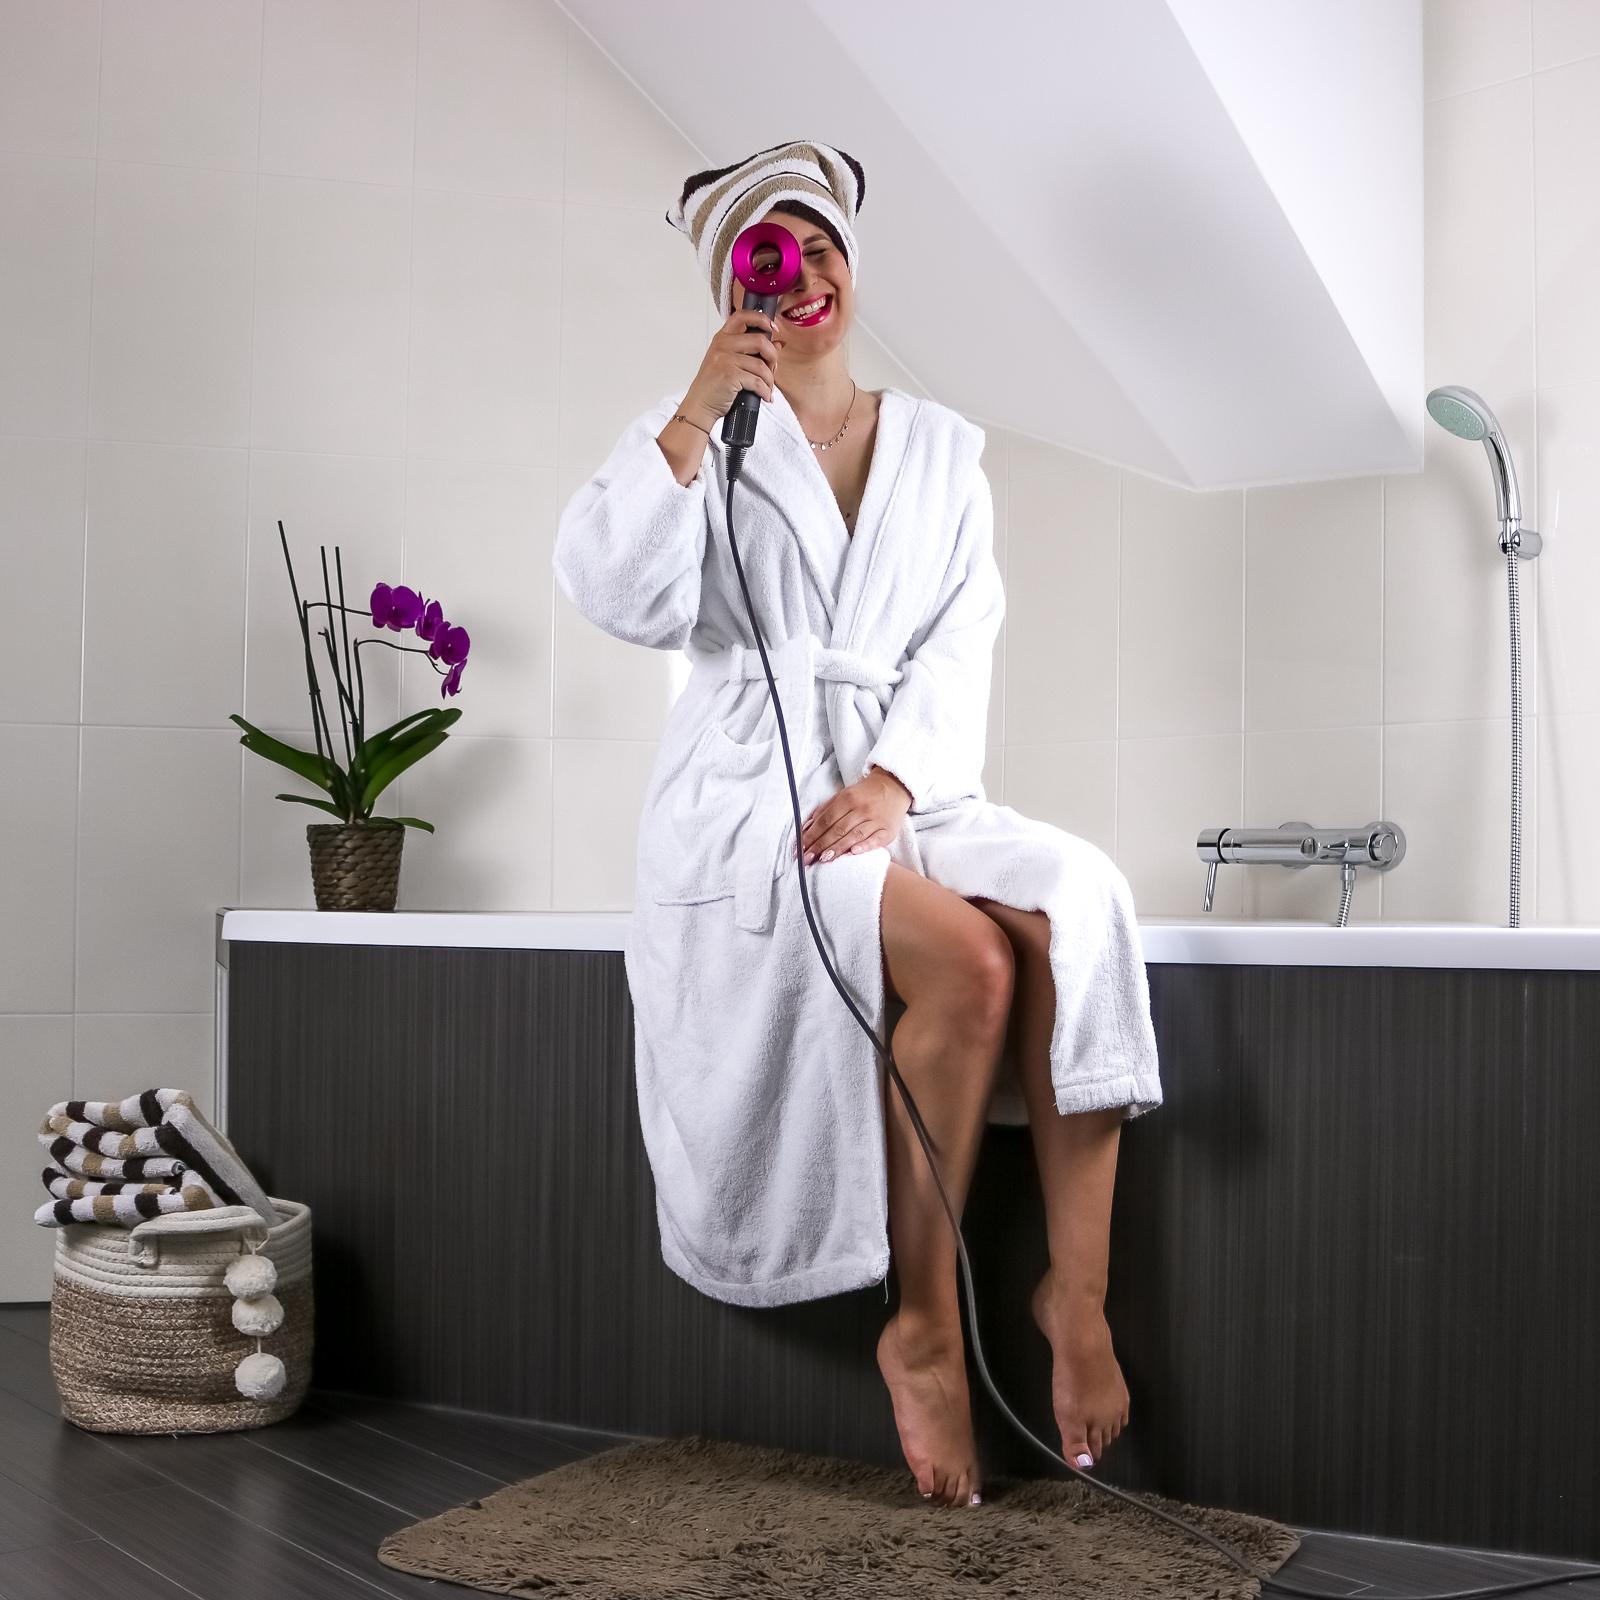 Dyson Supersonic - Der Haartrockner im Test - Blogpost - Dyson Haarföhn Testbericht - Dyson Haartrockner - bester Haartrockner - der beste Haarföhn - Haare schneller trocknen - Haarföhn für gesunde und glänzende Haare - Fashionladyloves by Tamara Wagner - Beautyblog - Blogpost -Blog